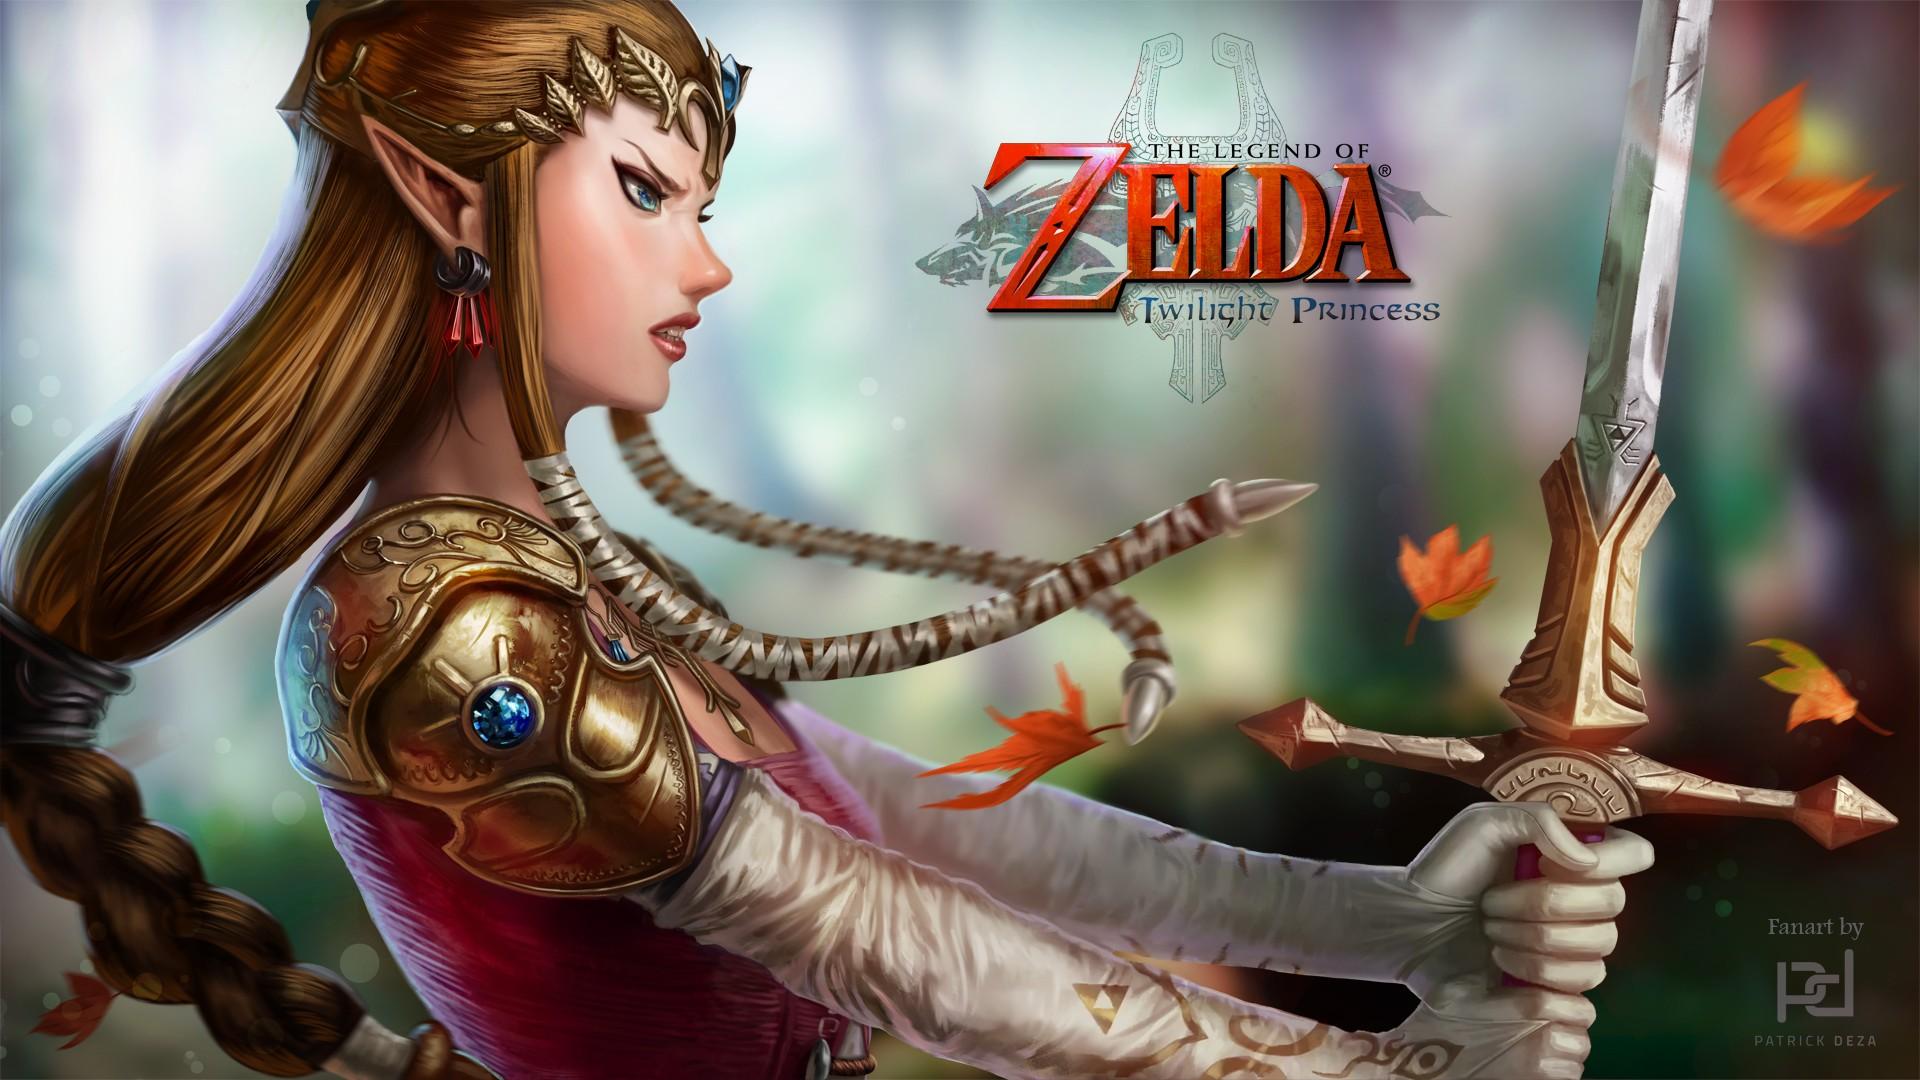 Wallpaper Video Games Sword The Legend Of Zelda